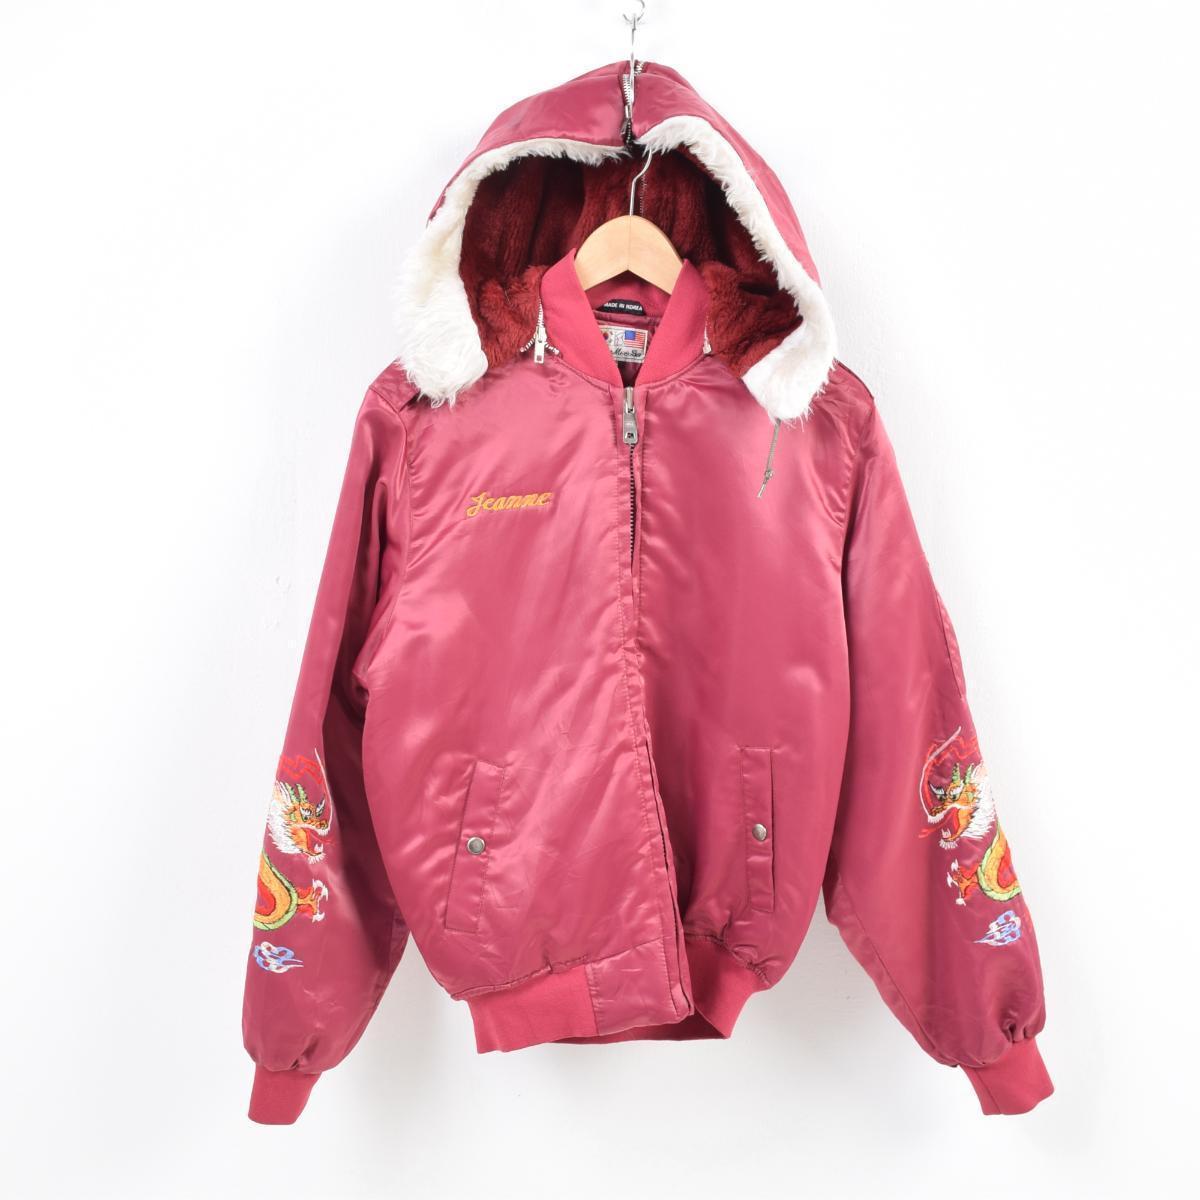 コリジャン KOREA スーベニアジャケット メンズS ヴィンテージ /wav7364 【中古】 【180930】【PD191018】【CS2003】【SS2007】【CS2007】